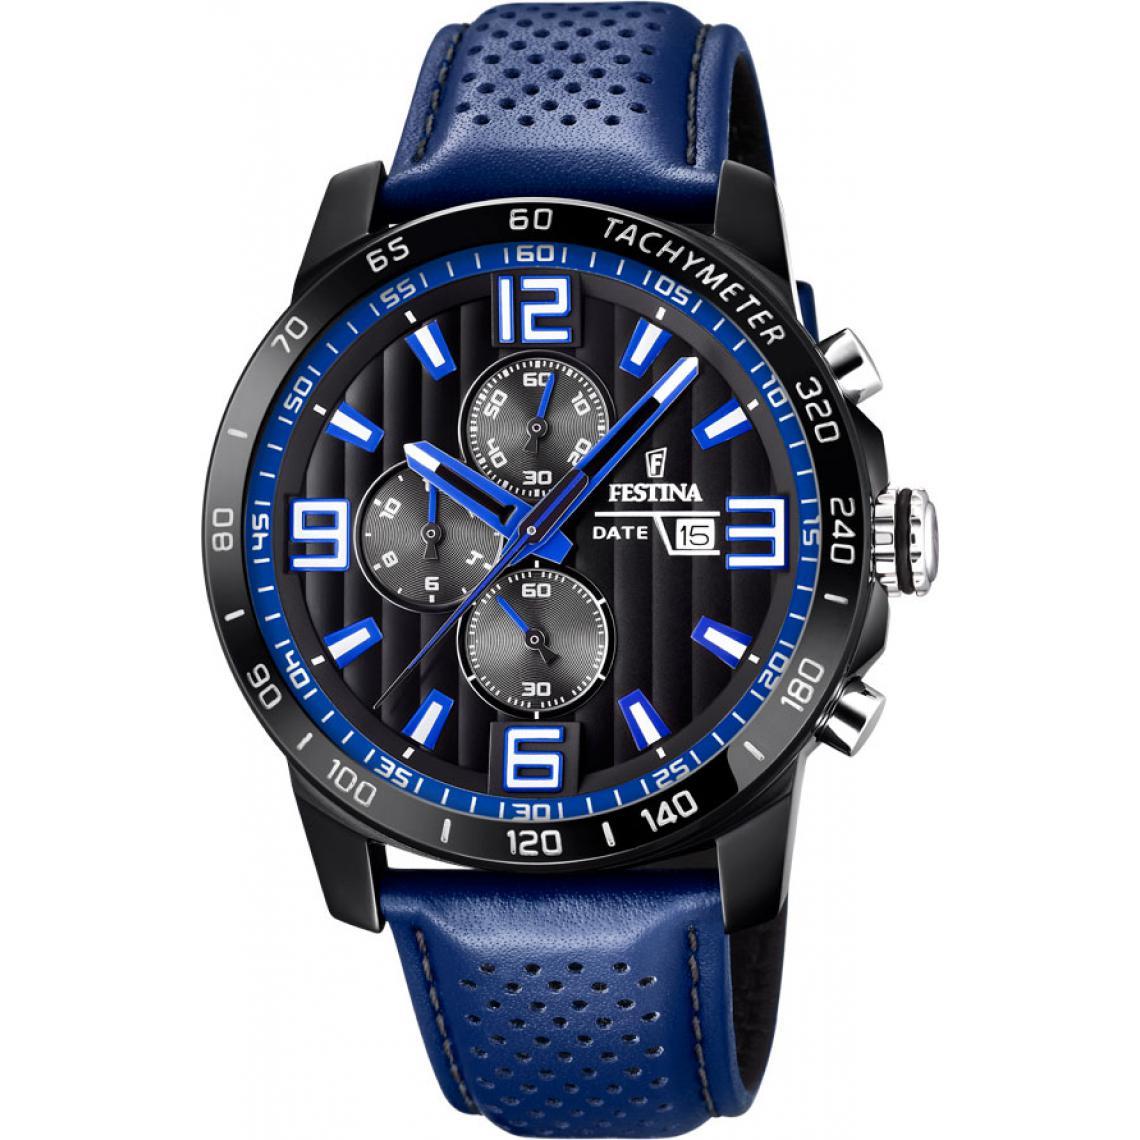 Promo : Montre Originals F20339-4 - Montre Chronographe Cuir Bleu Montres - Festina - Modalova